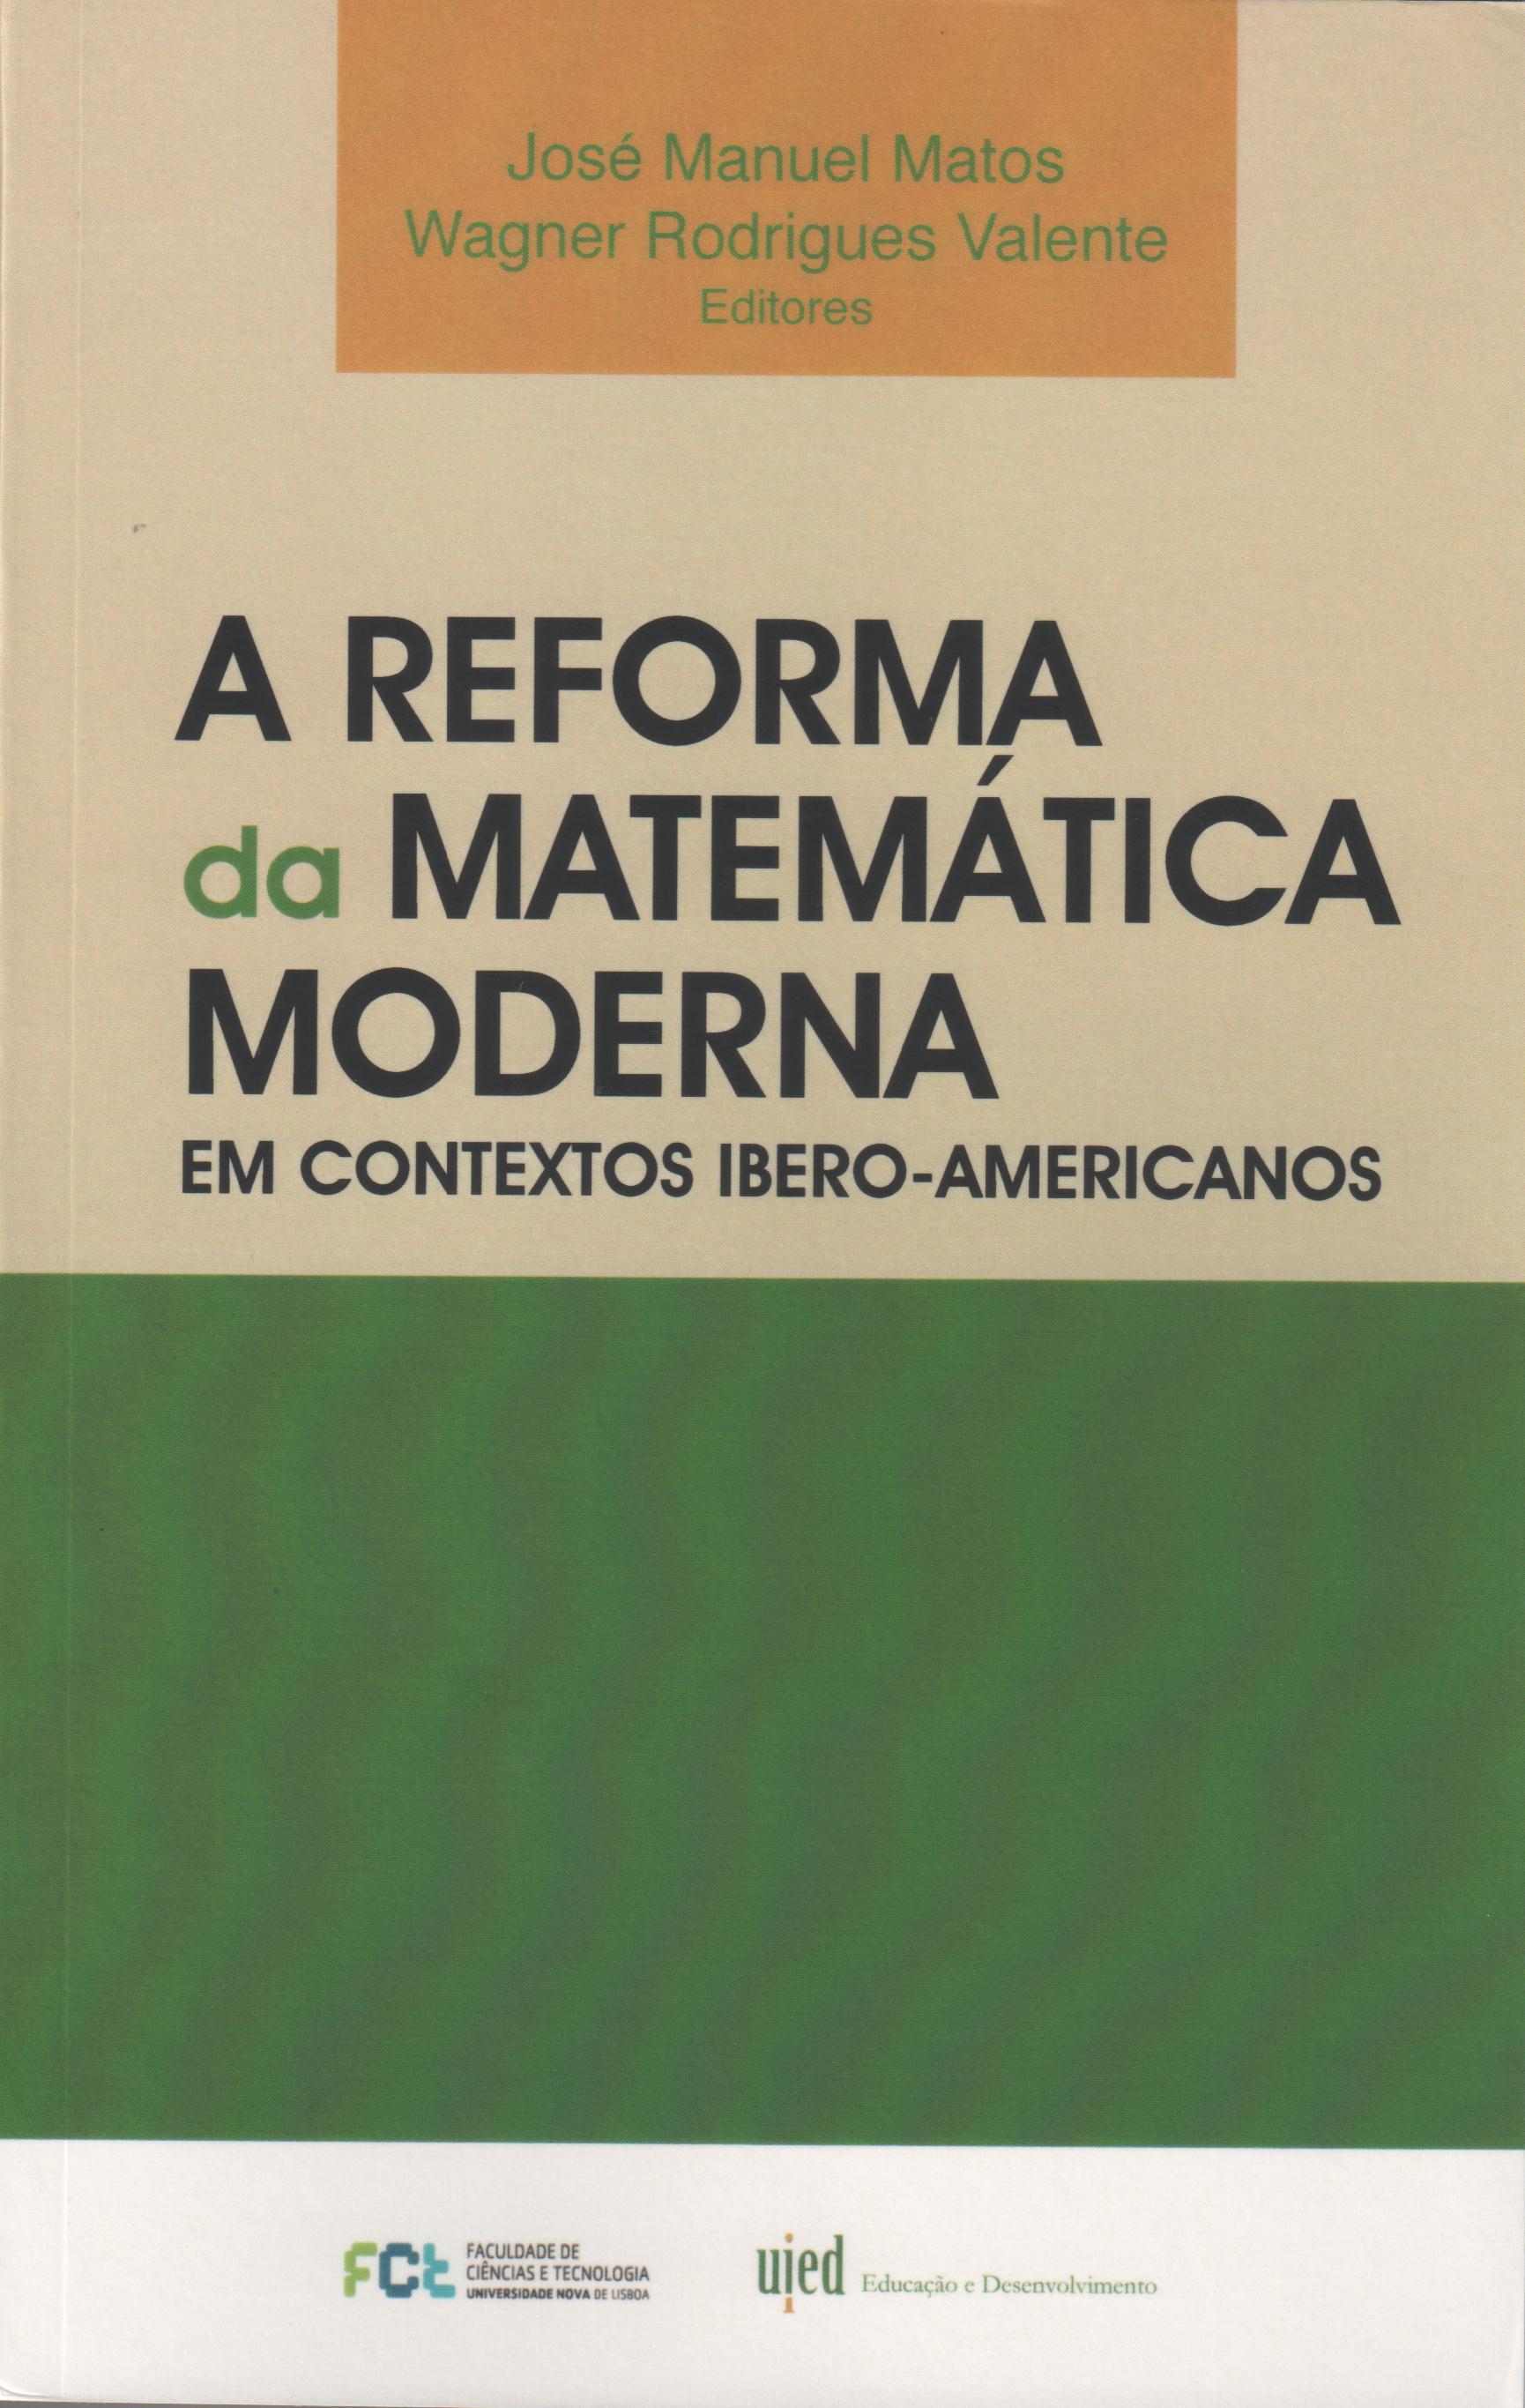 livro_-_A_MATEMÁTICA_MODERNA_EM_CONTEXTO